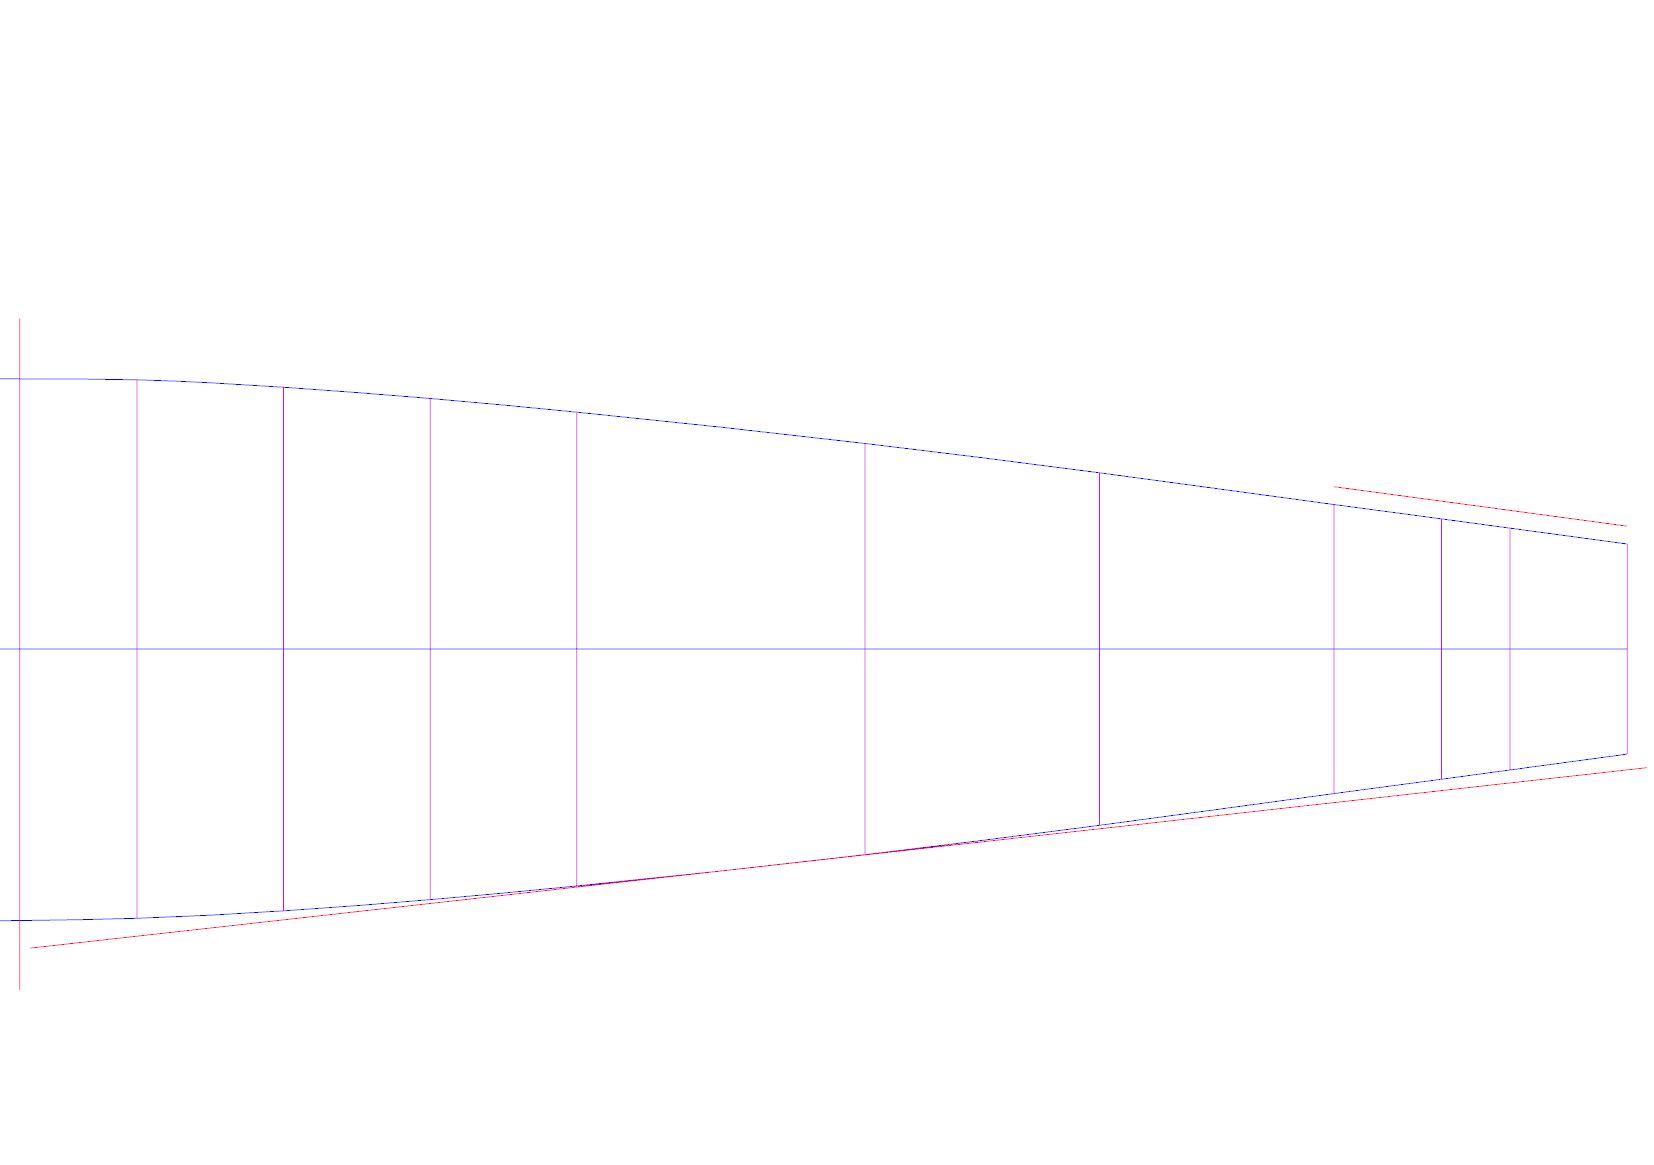 Tail%20loft.jpg